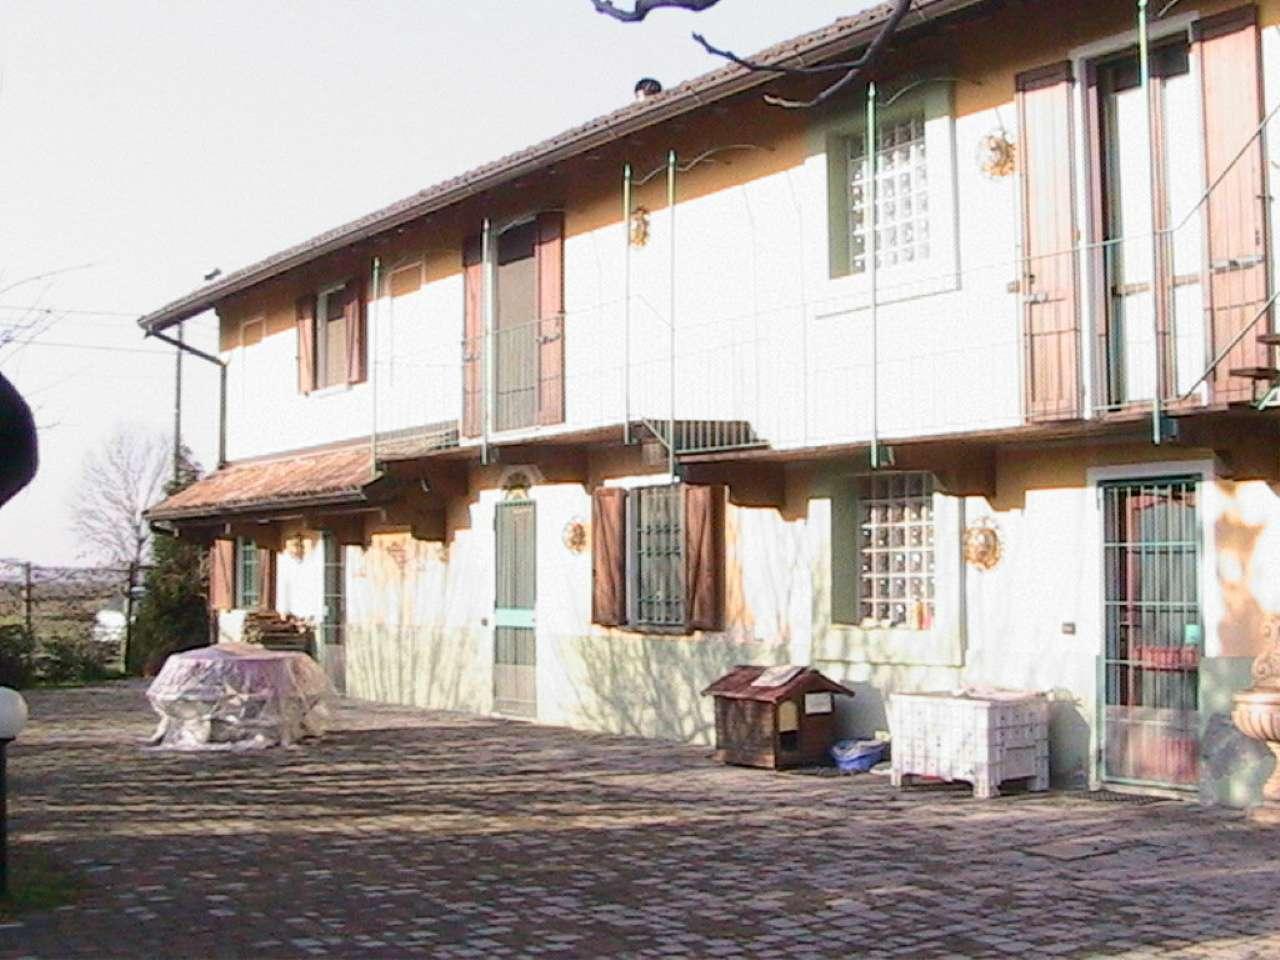 Rustico / Casale in vendita a Mortara, 8 locali, prezzo € 250.000   CambioCasa.it